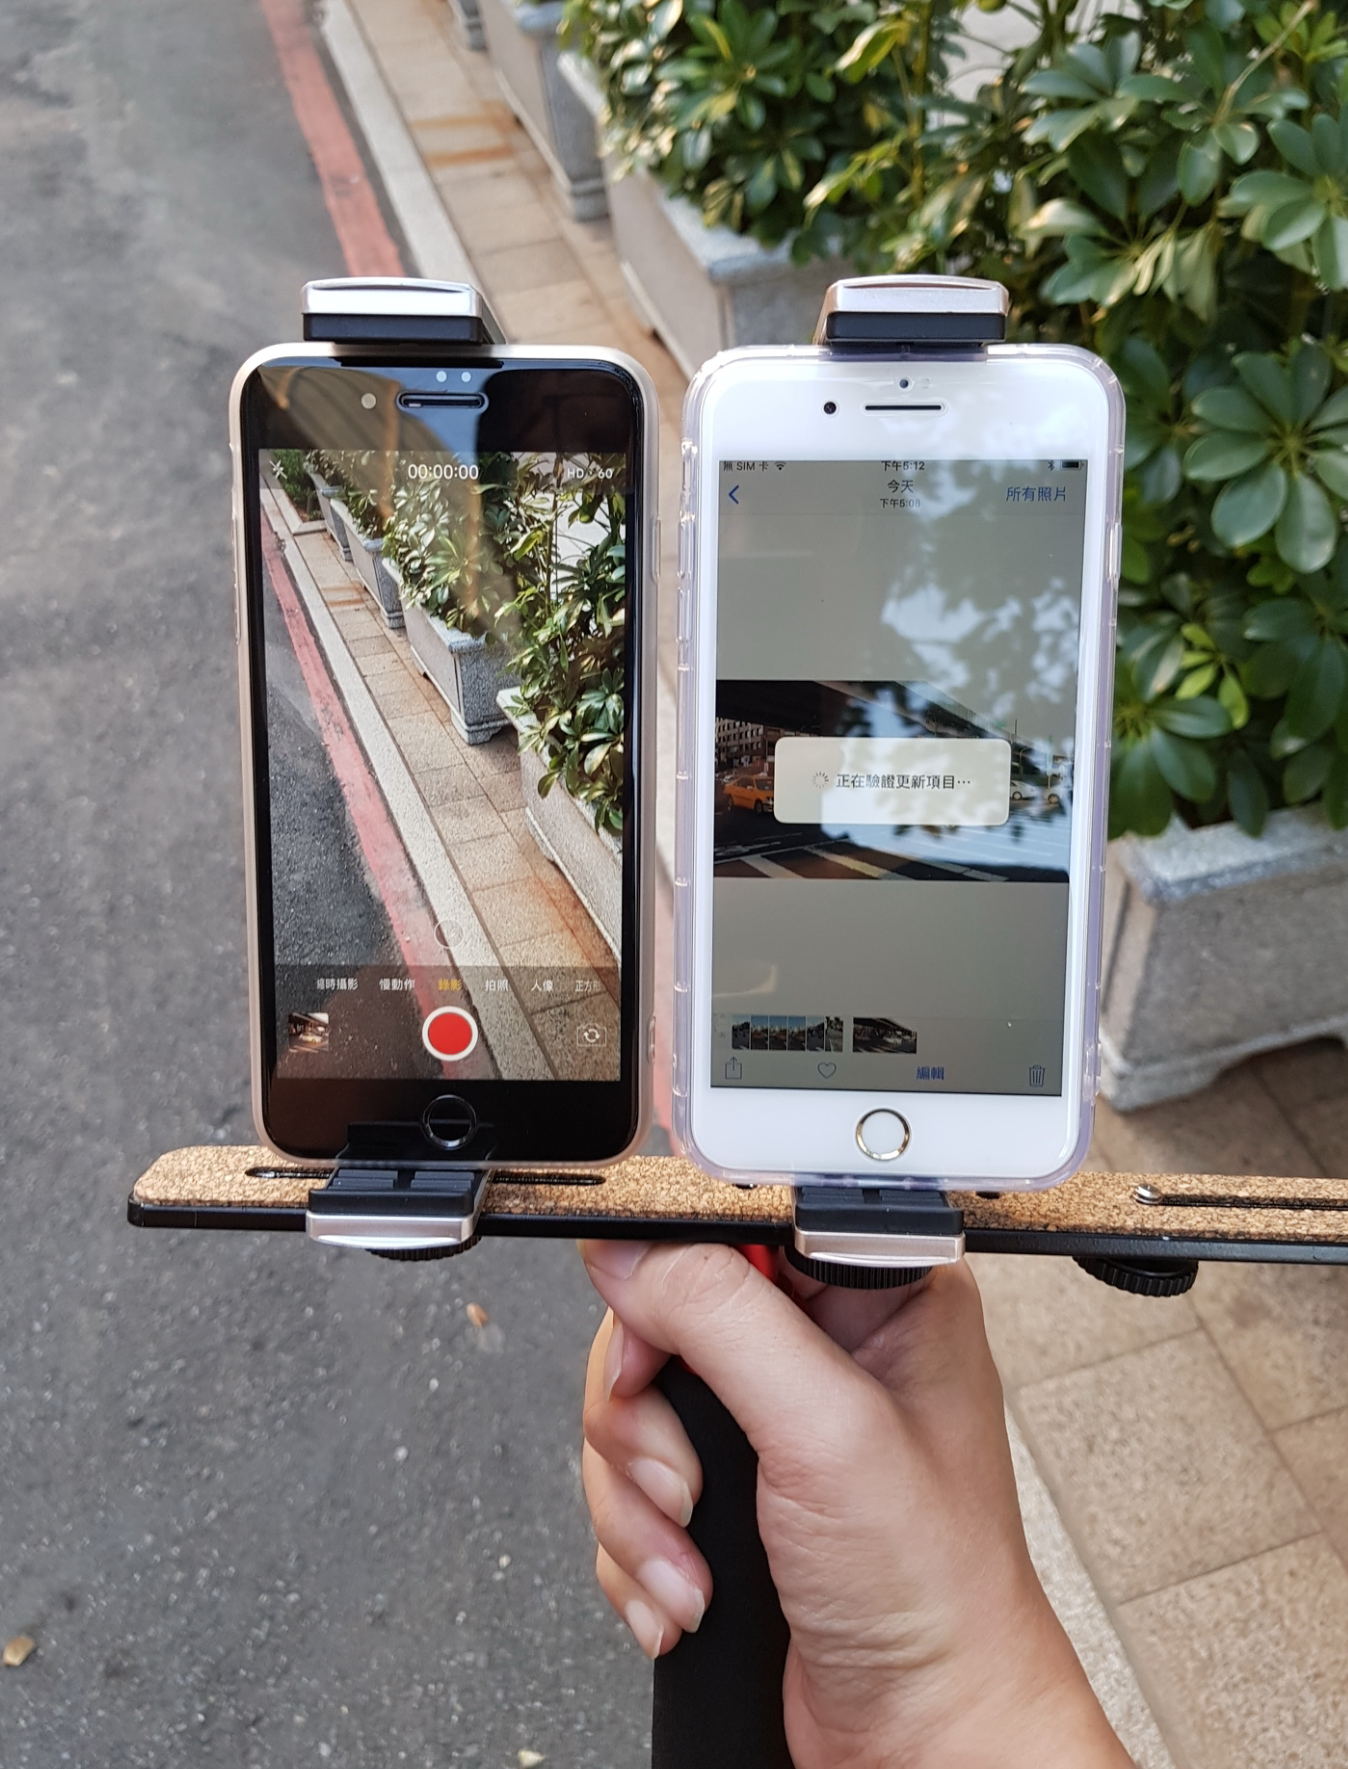 [影片] iPhone 8 Plus 高速高畫質錄影 4K 60P 測試! @3C 達人廖阿輝